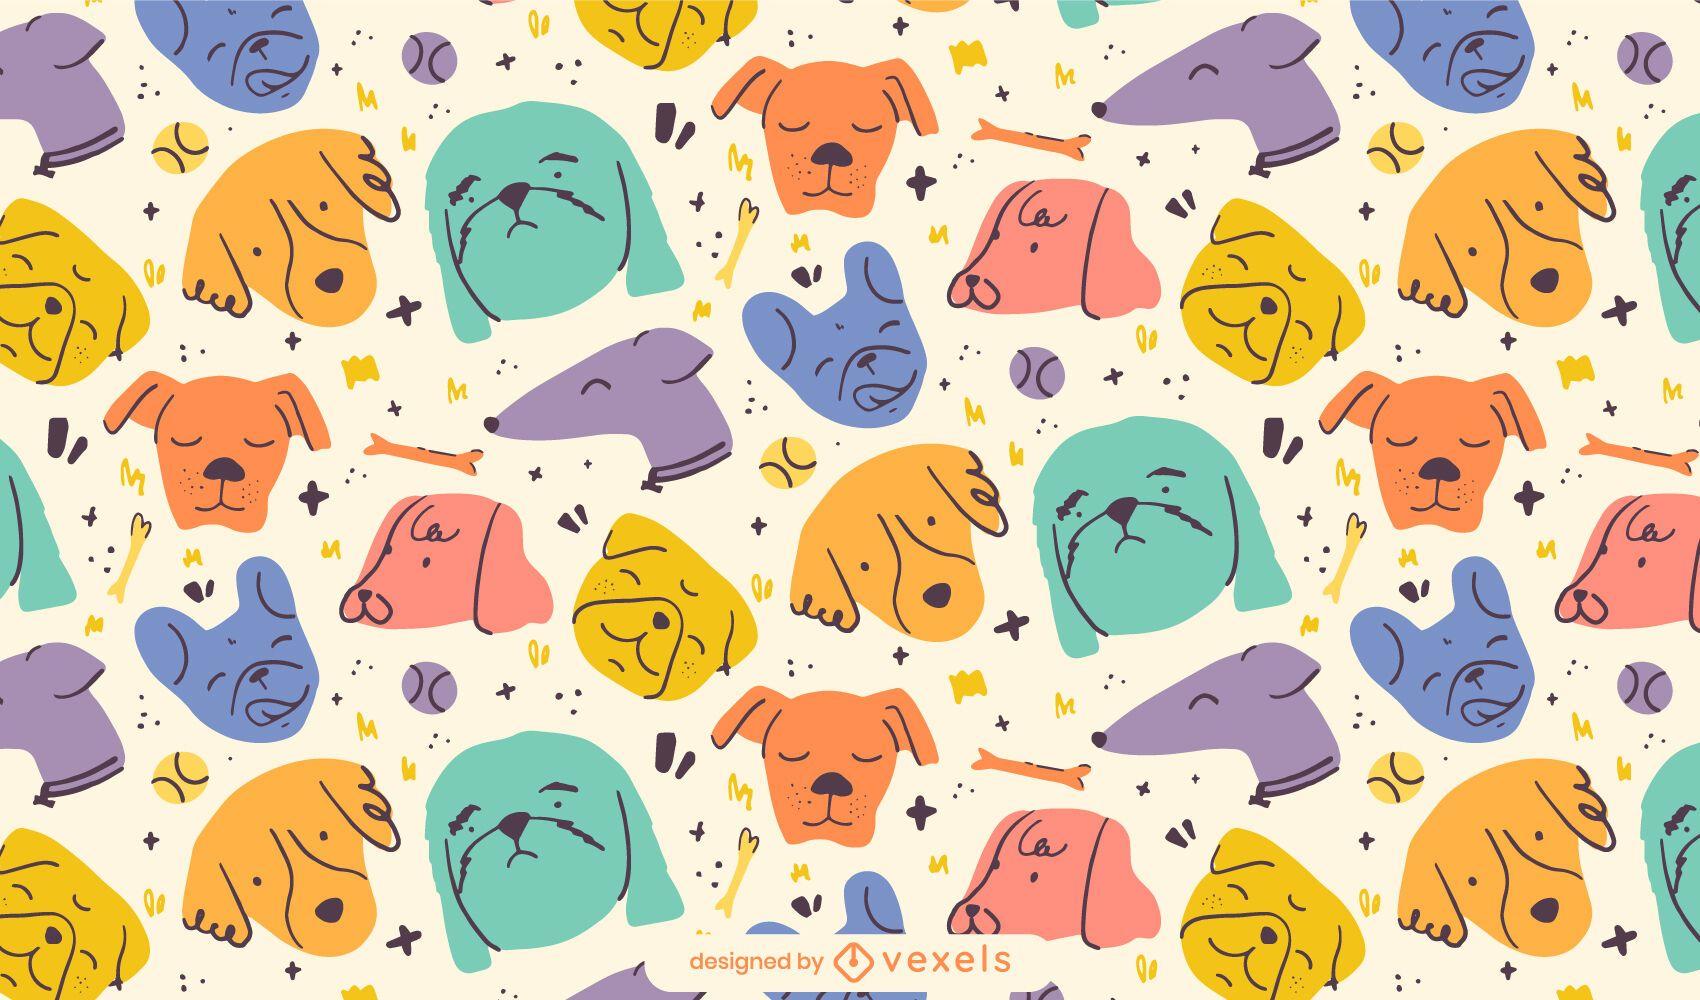 Dog animal heads doodle pattern design